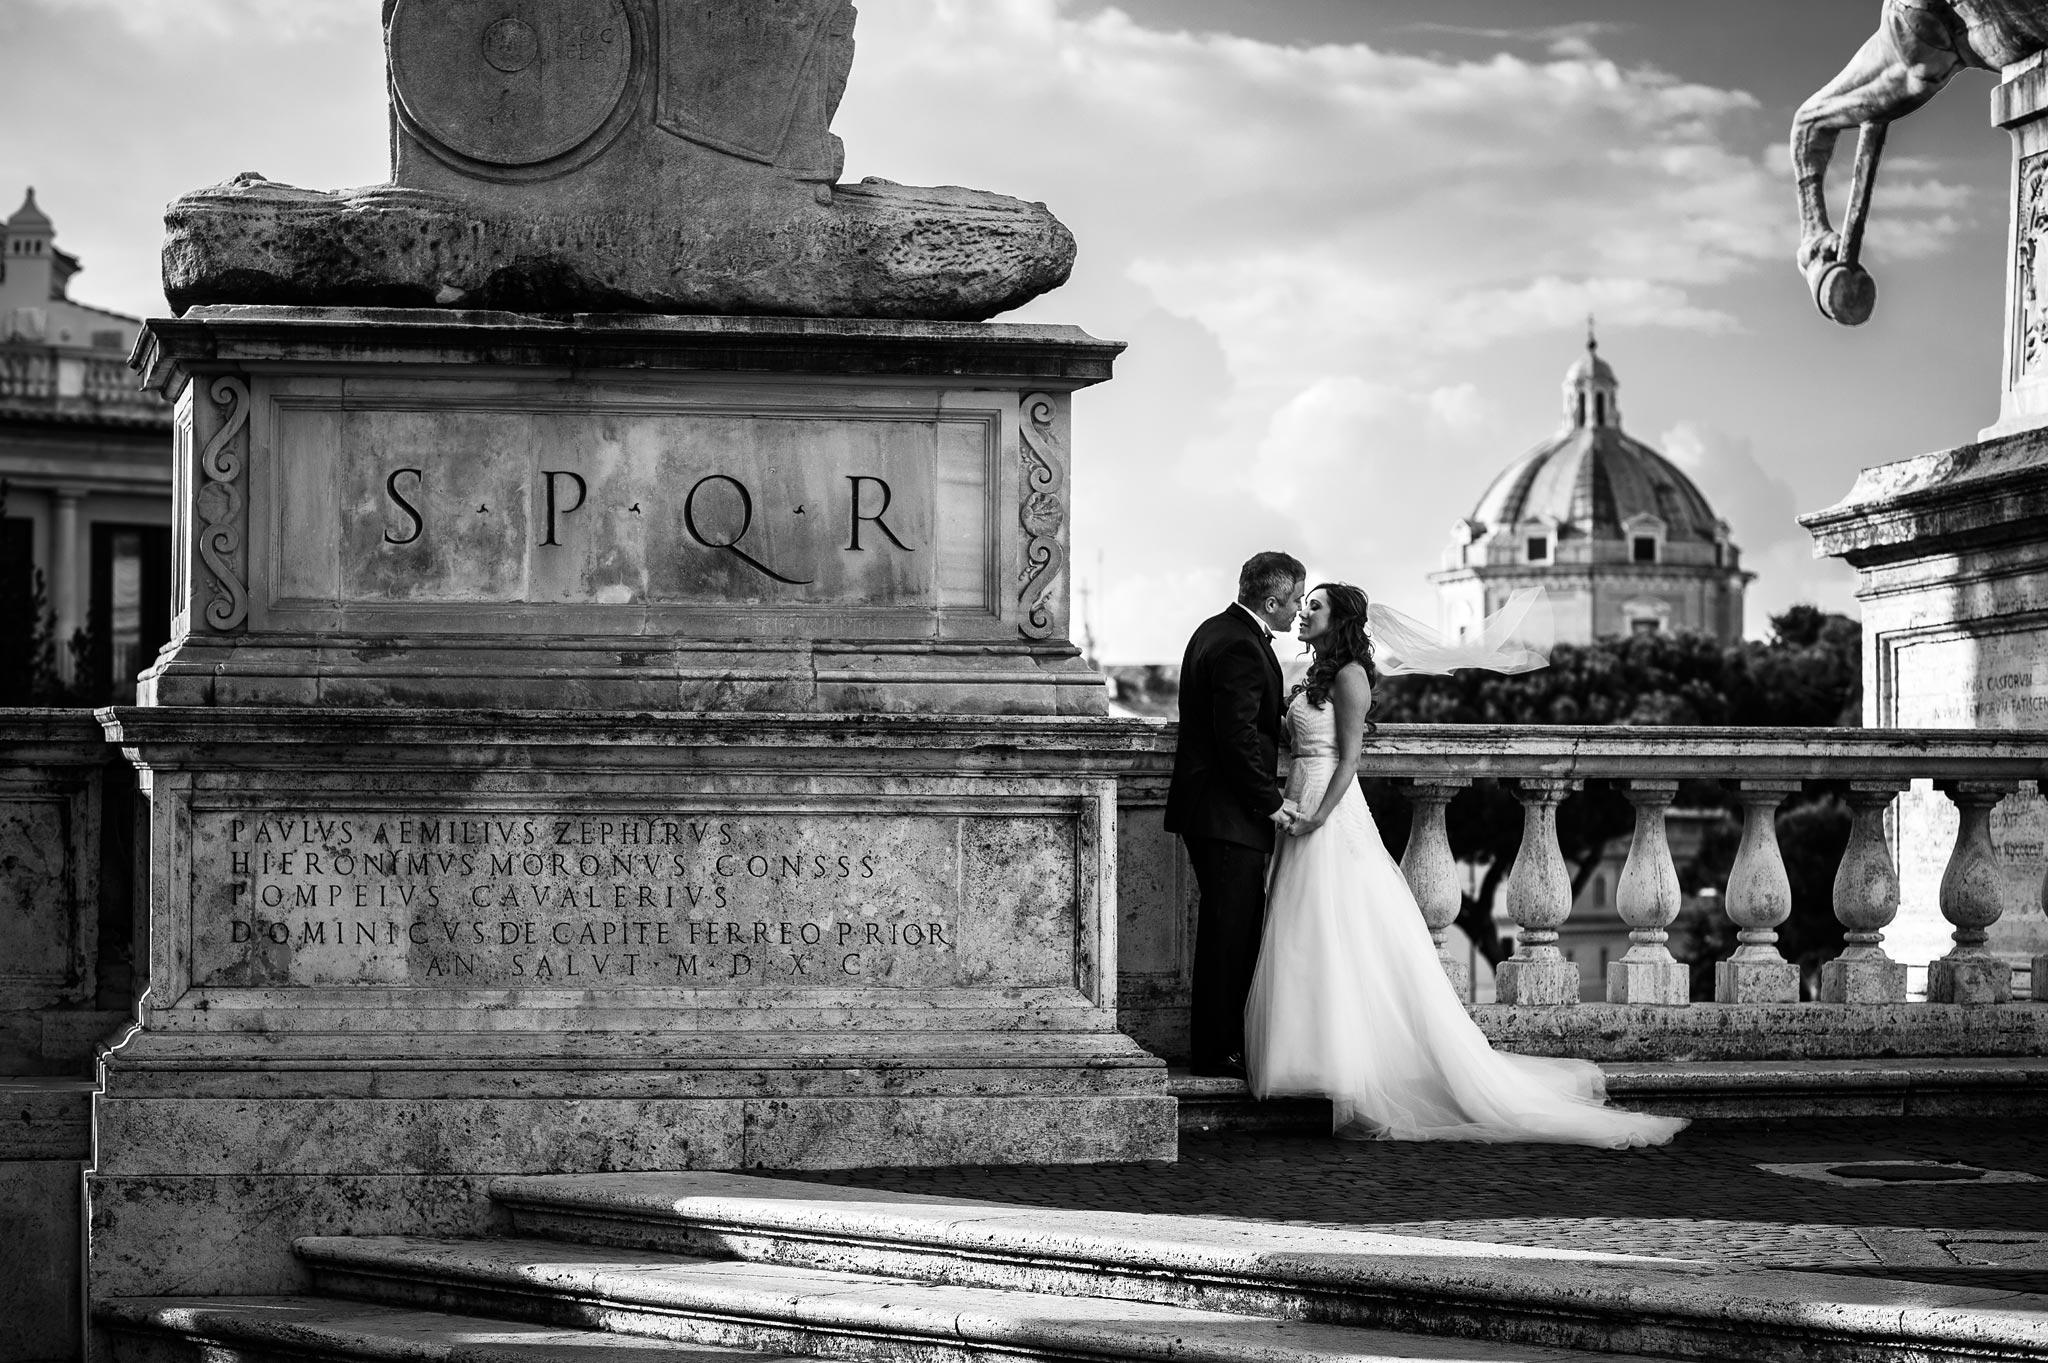 Matrimonio In Roma : Fotografie da matrimonio a roma uno scenario regalato